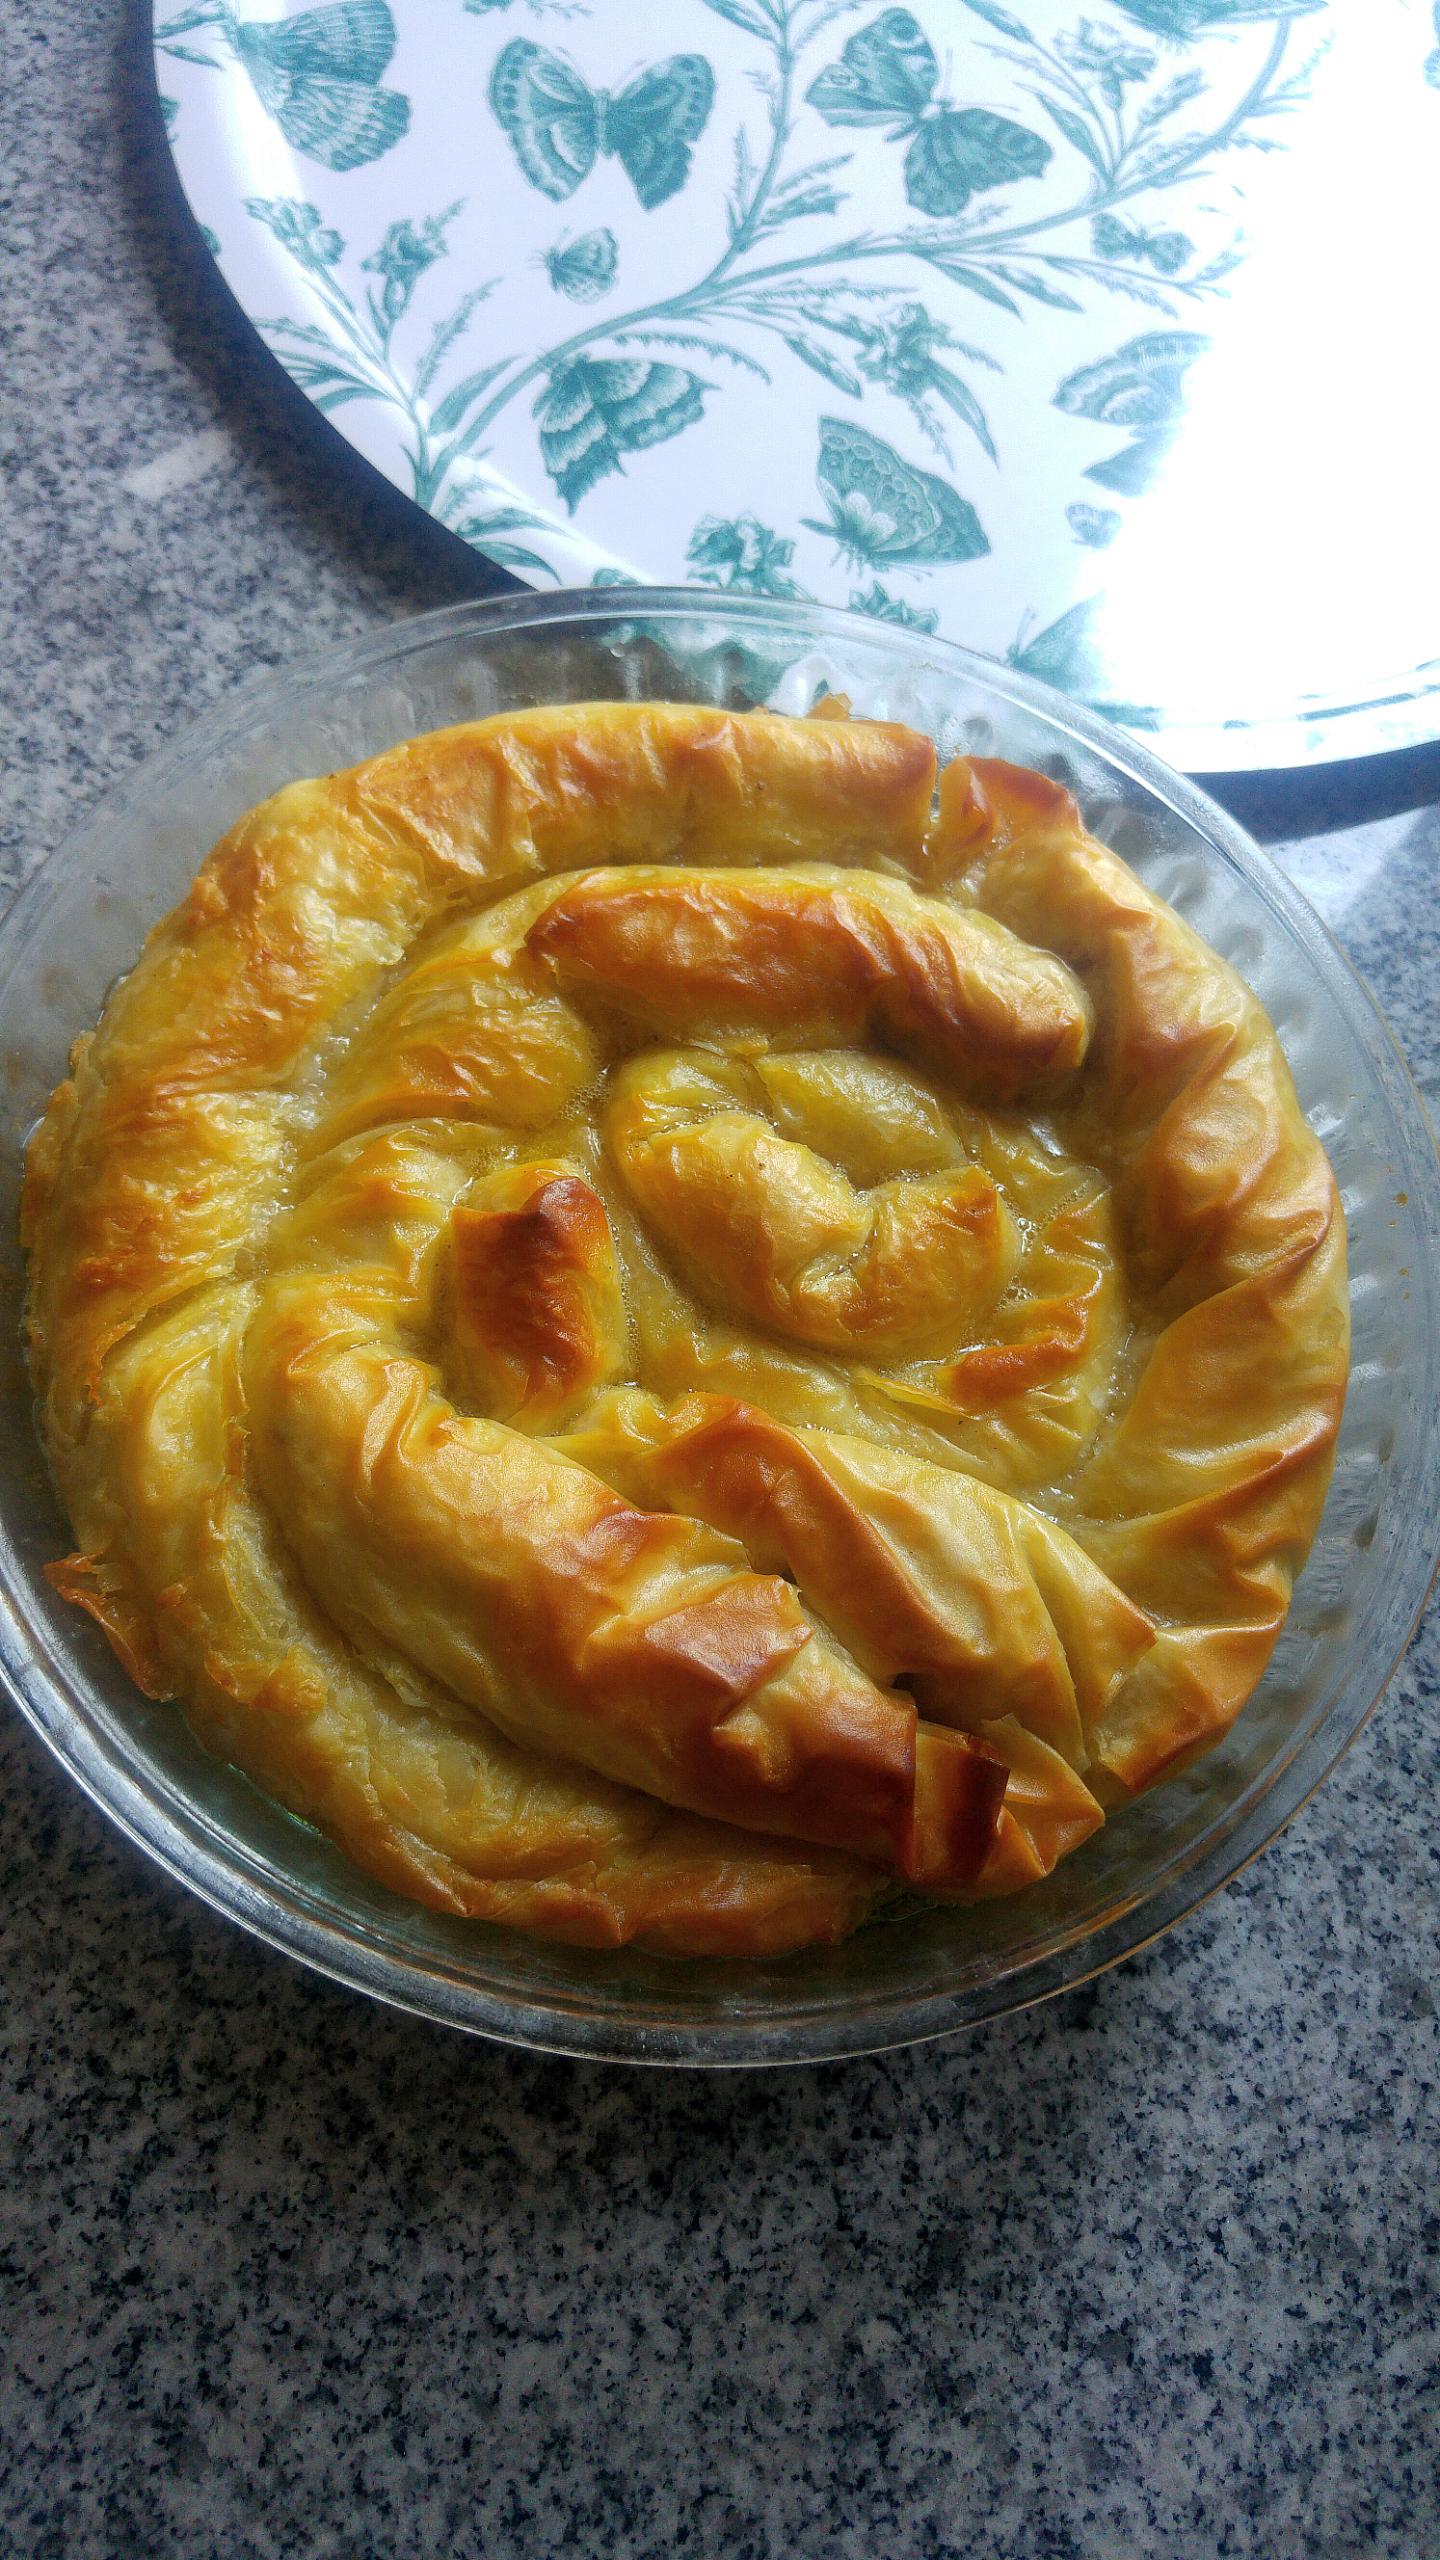 Συνταγή για ρολό με φύλλο κρούστας, αναρή, κανέλα, ανθόνερο και σιρόπι